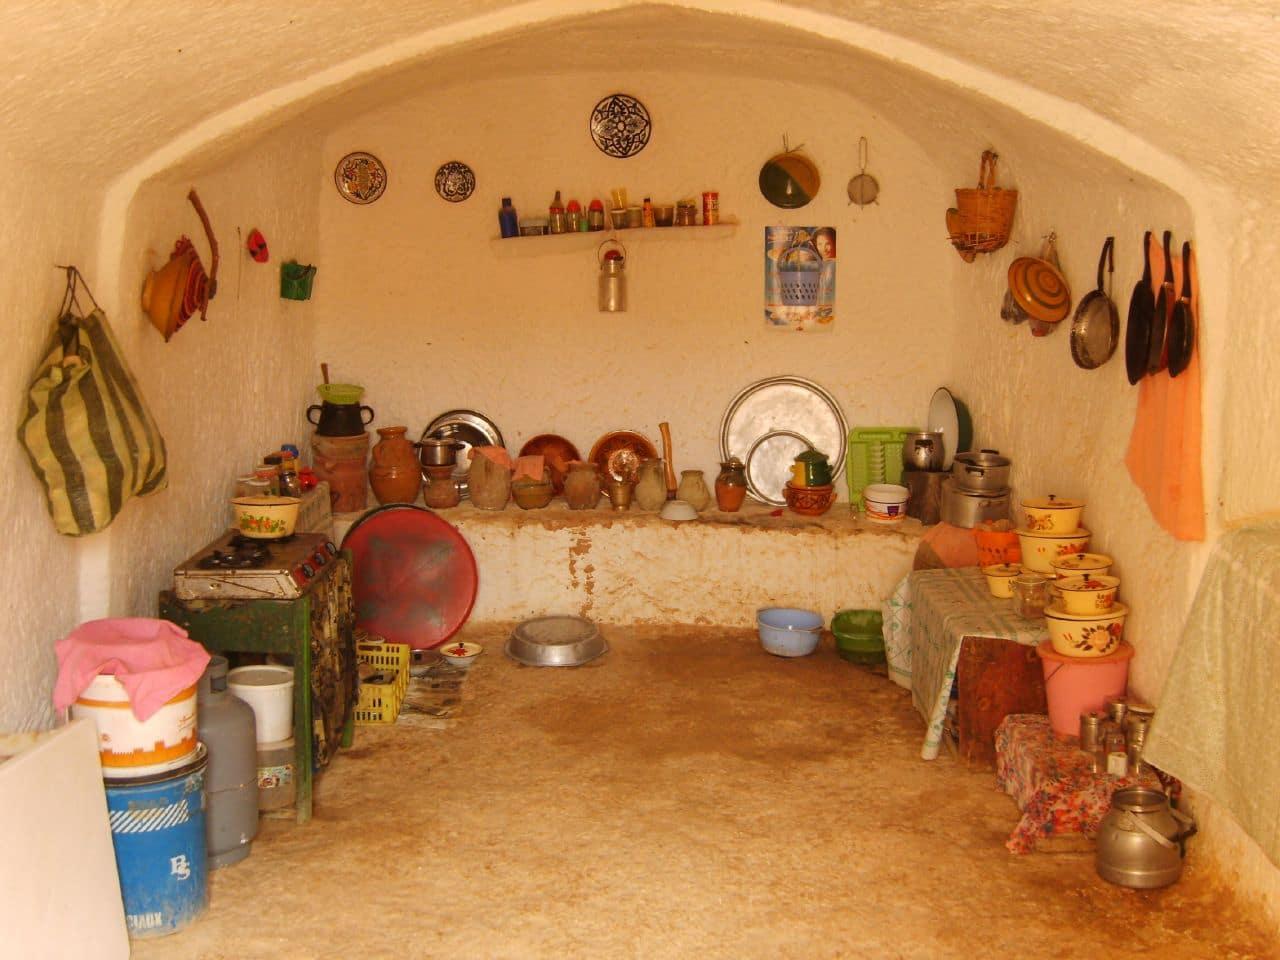 Locuitorii sunt mândri de obiectele lor tradiţionale